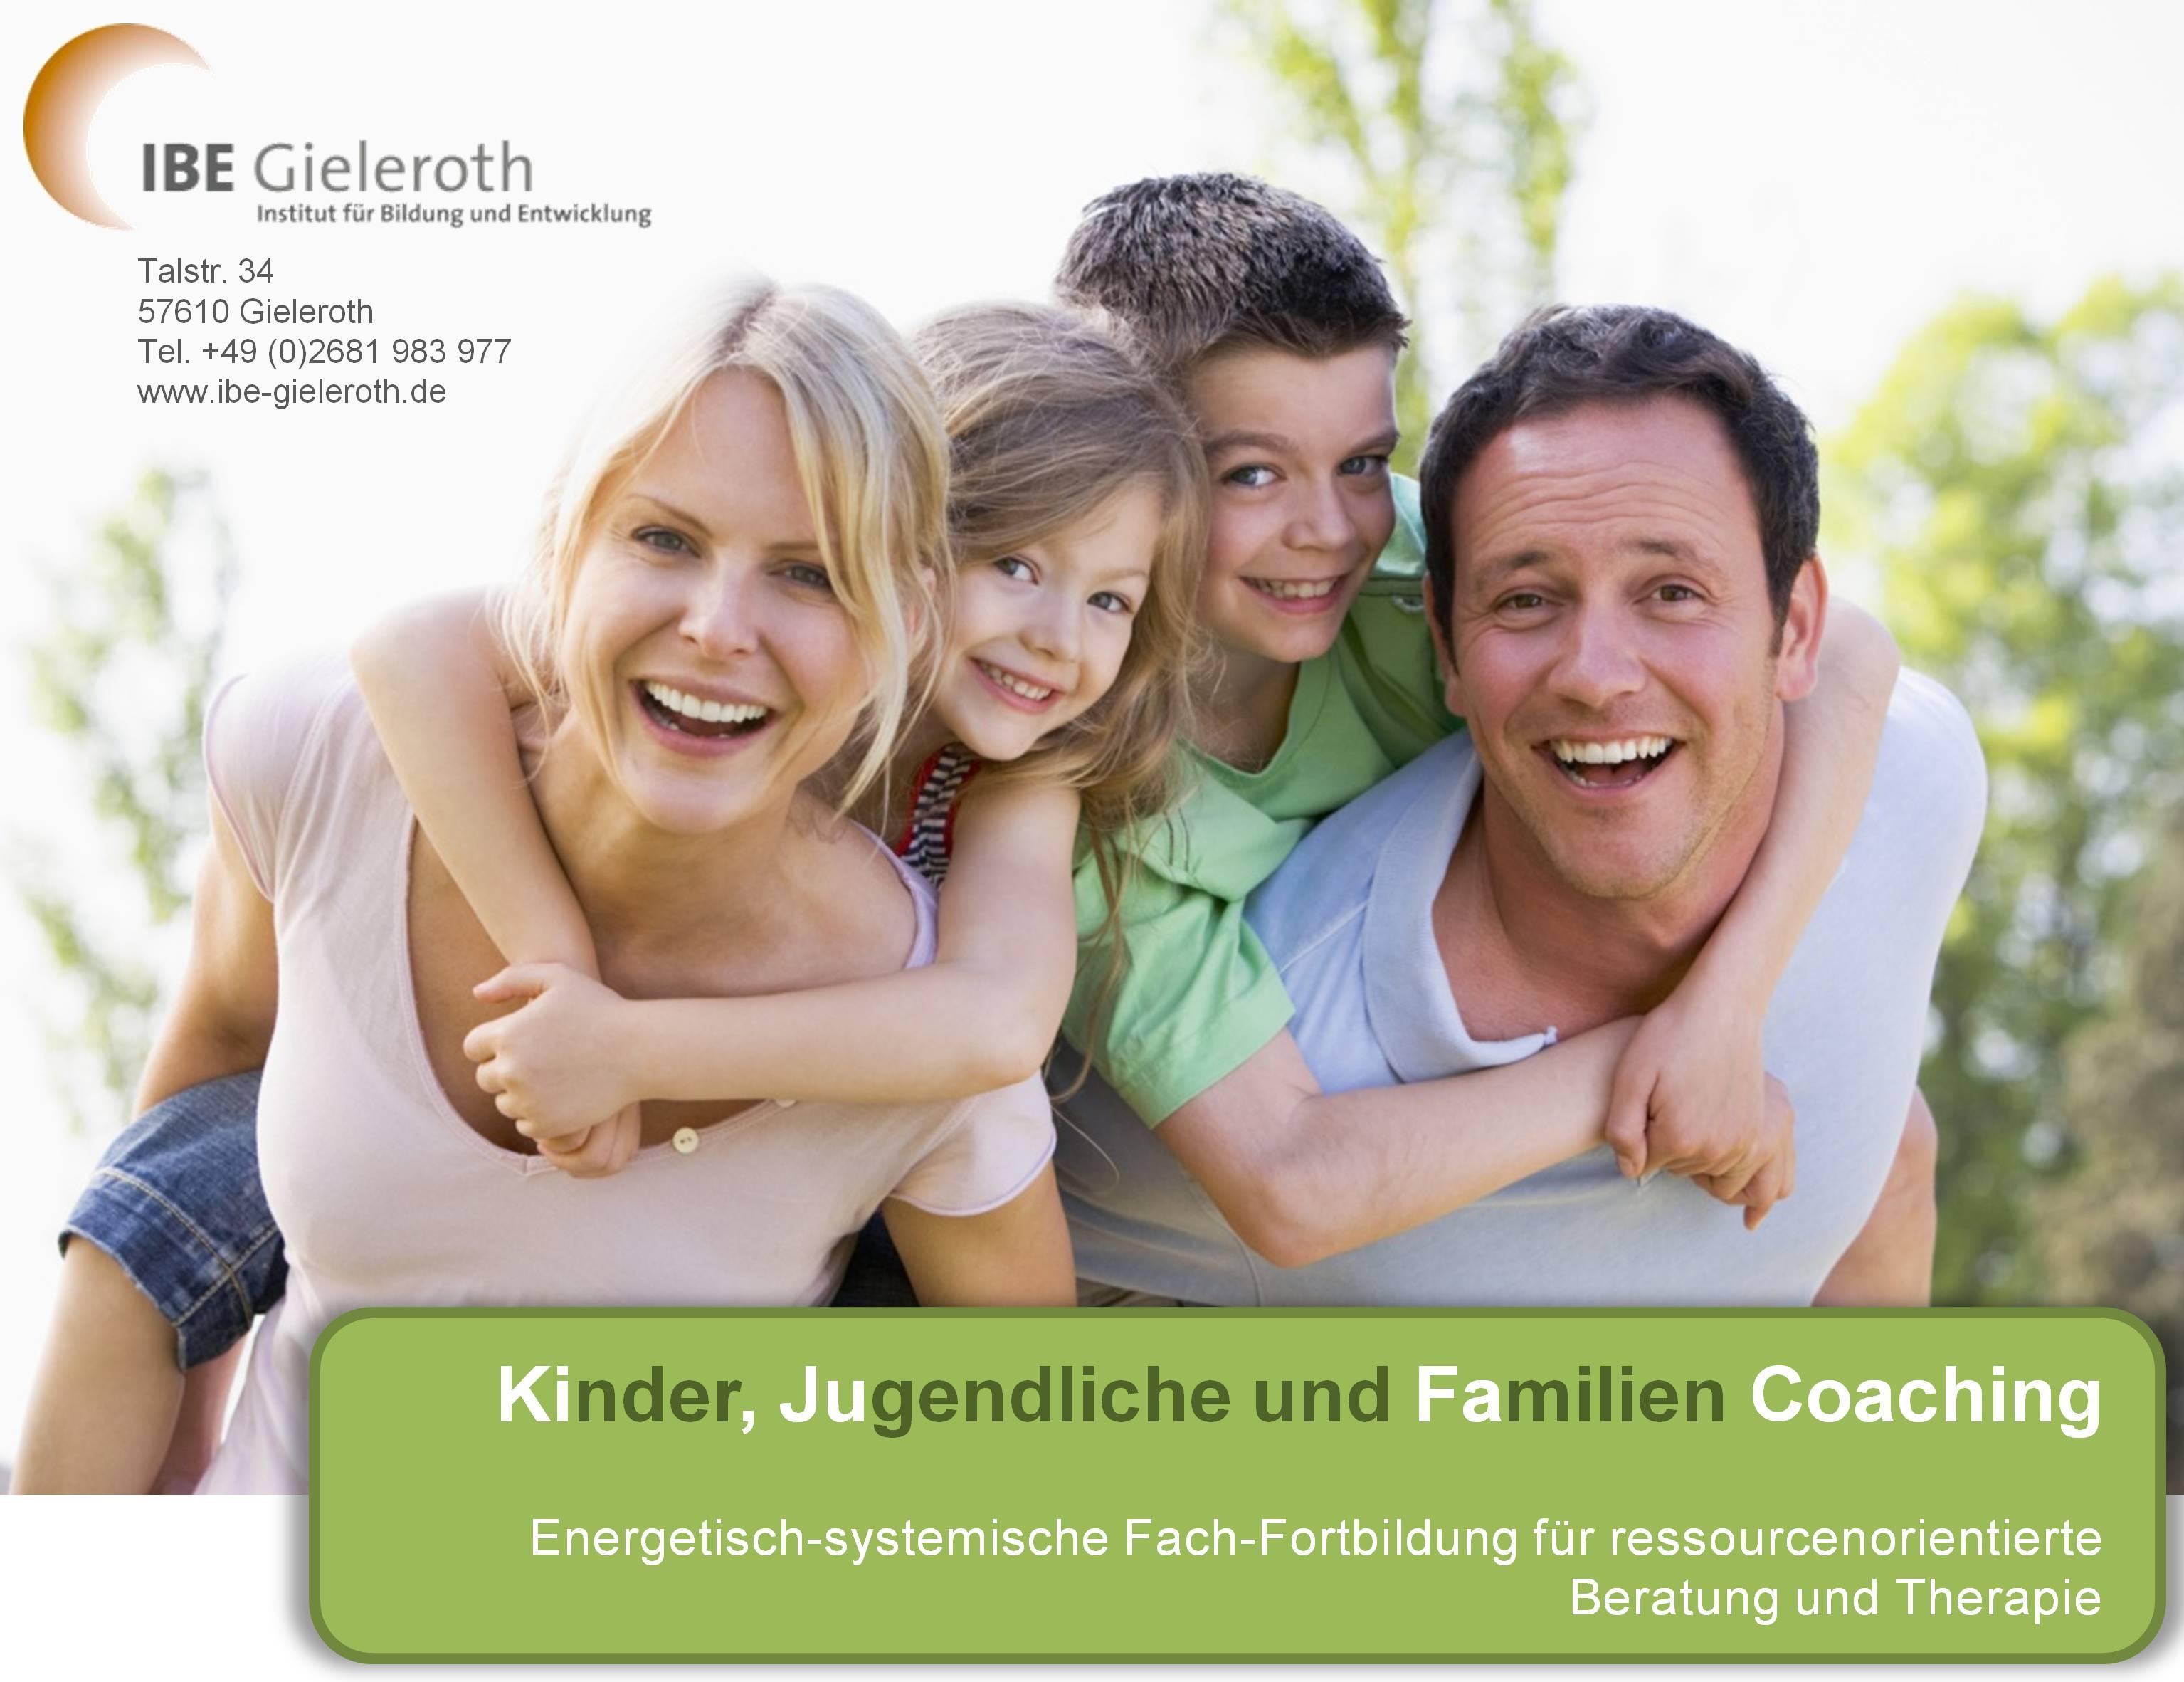 Energetisch-systemische Fach-Fortbildung: Kinder, Jugendliche und Familien Coaching